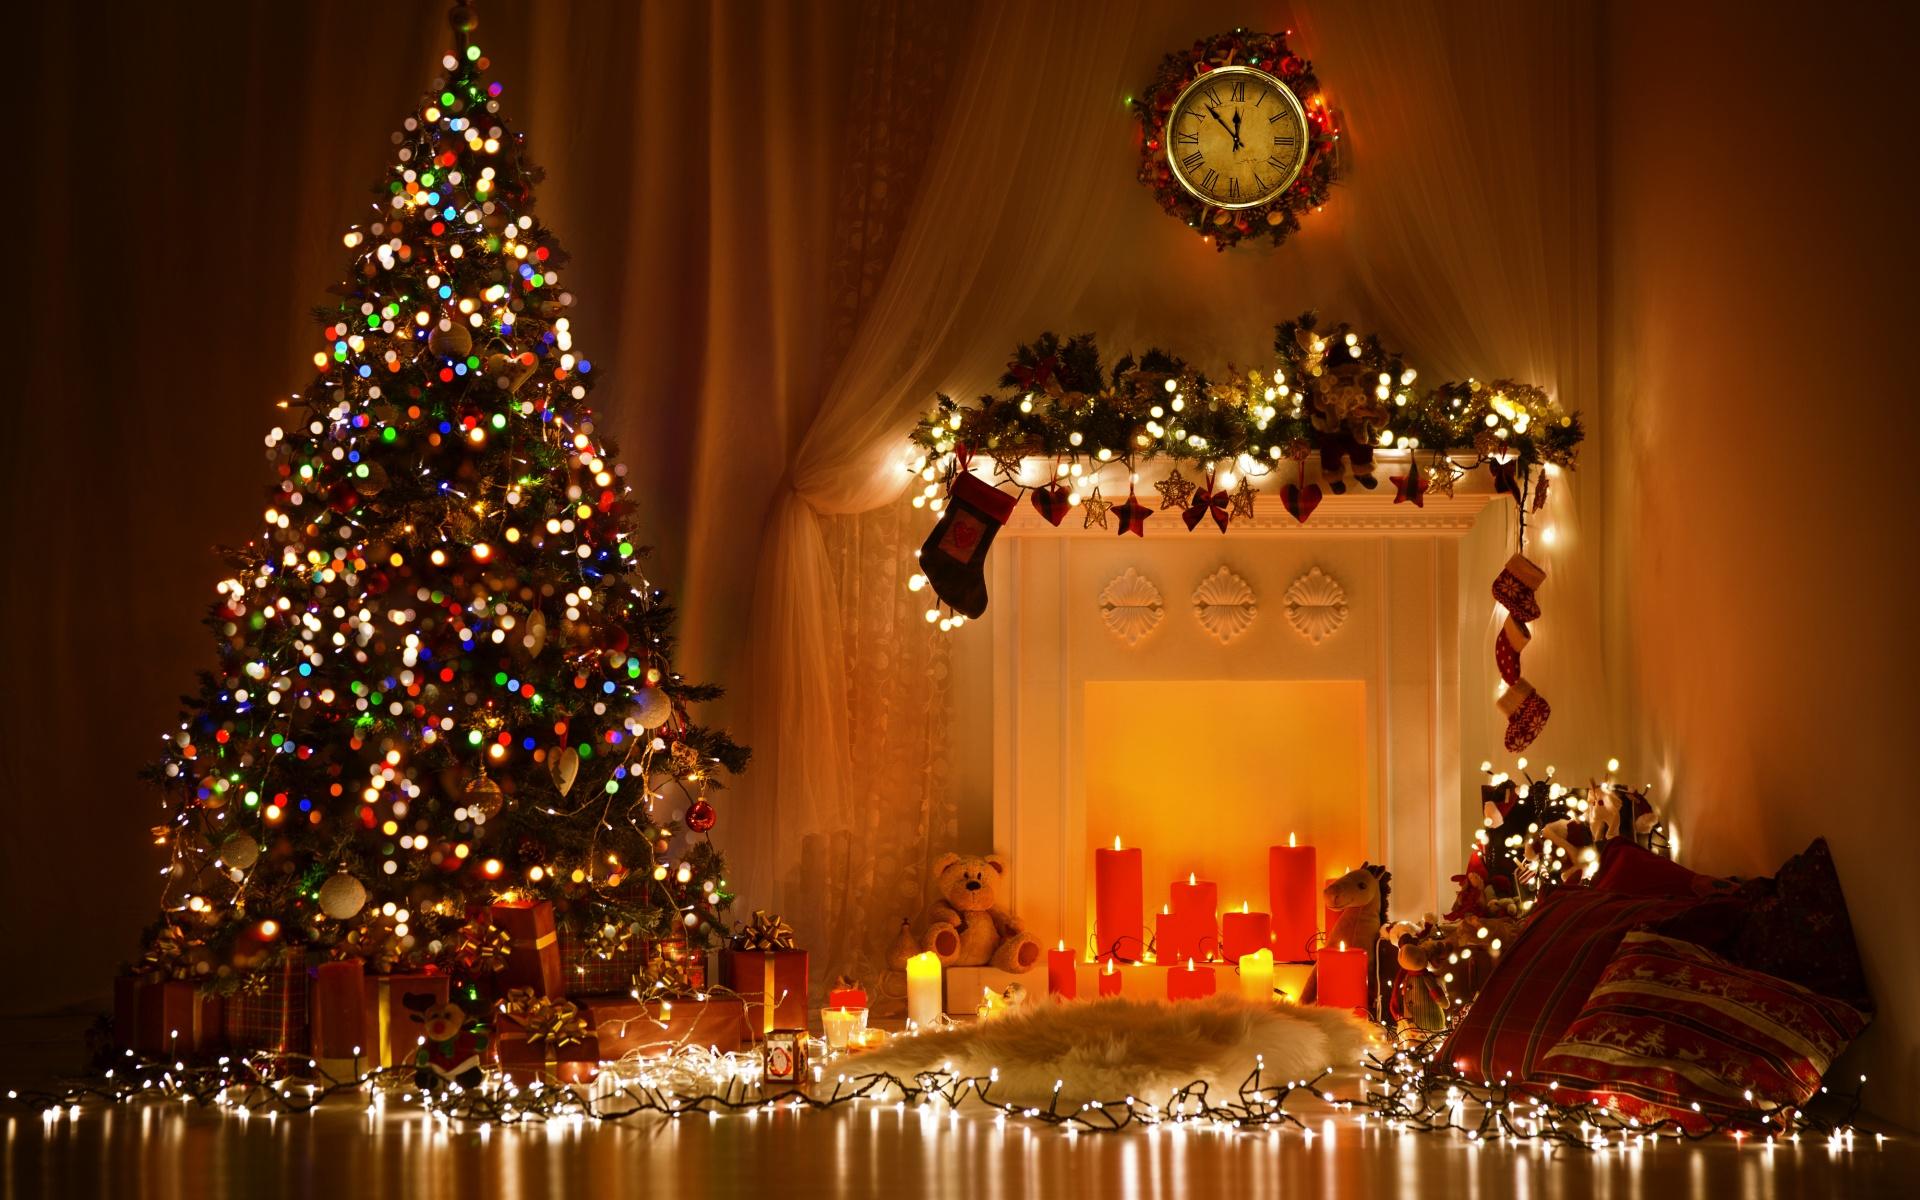 З Новим роком і Різдвом Христовим